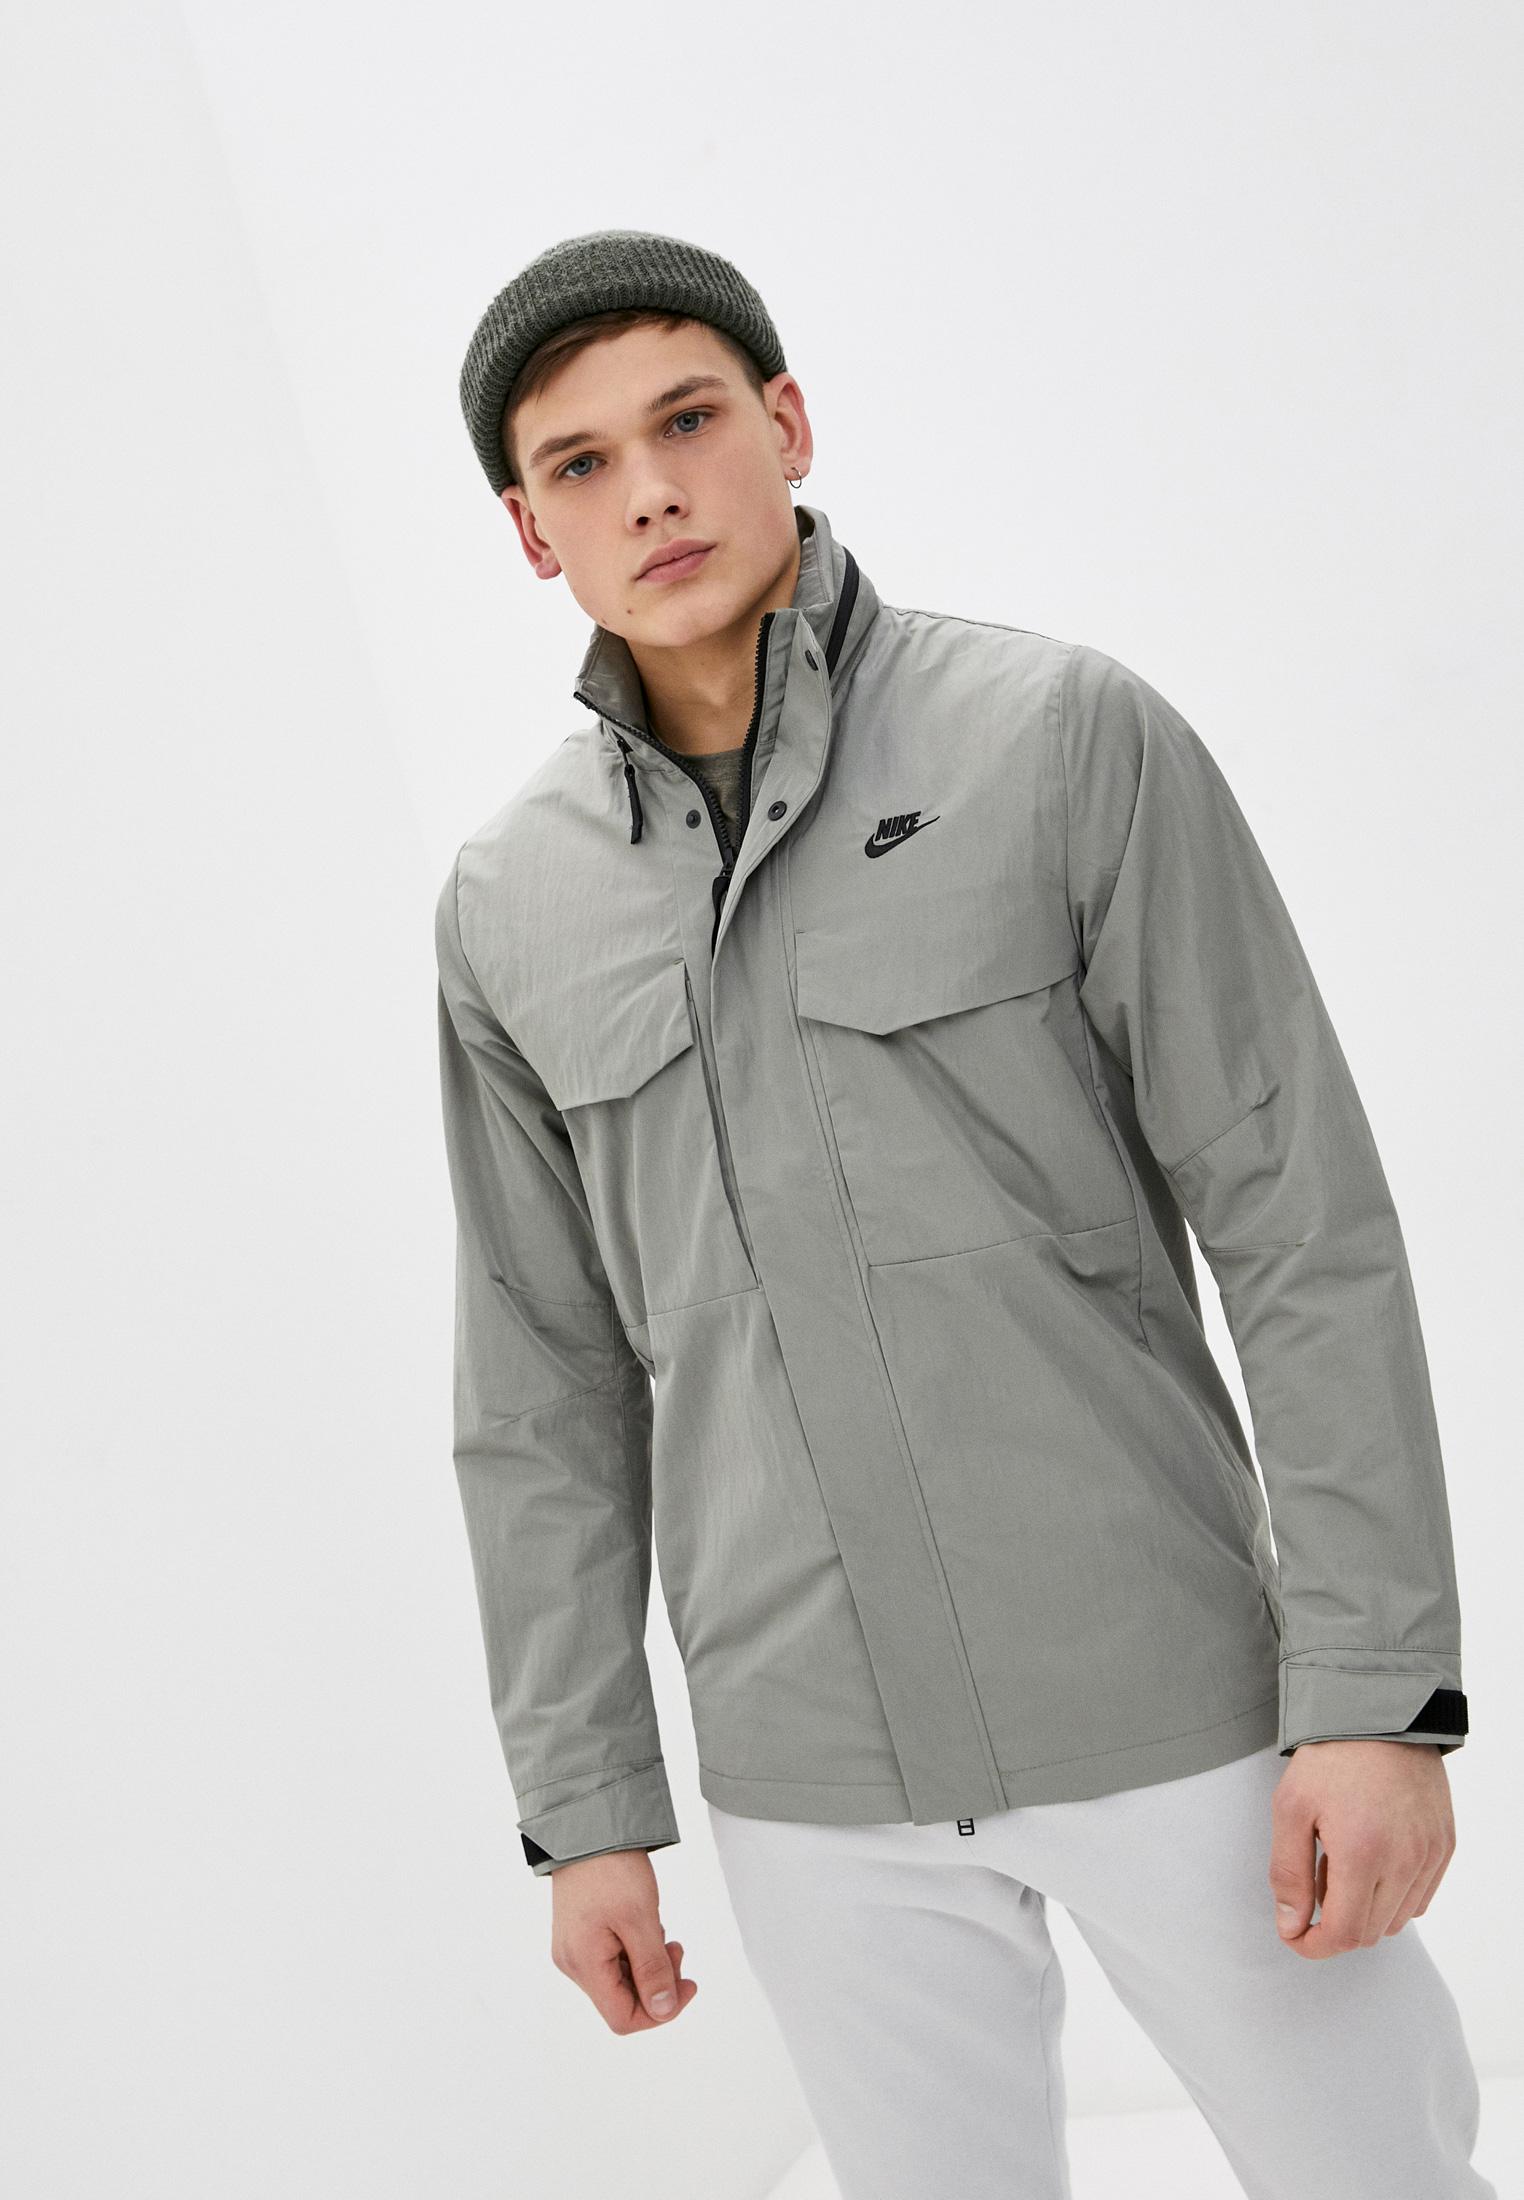 Мужская верхняя одежда Nike (Найк) Куртка Nike